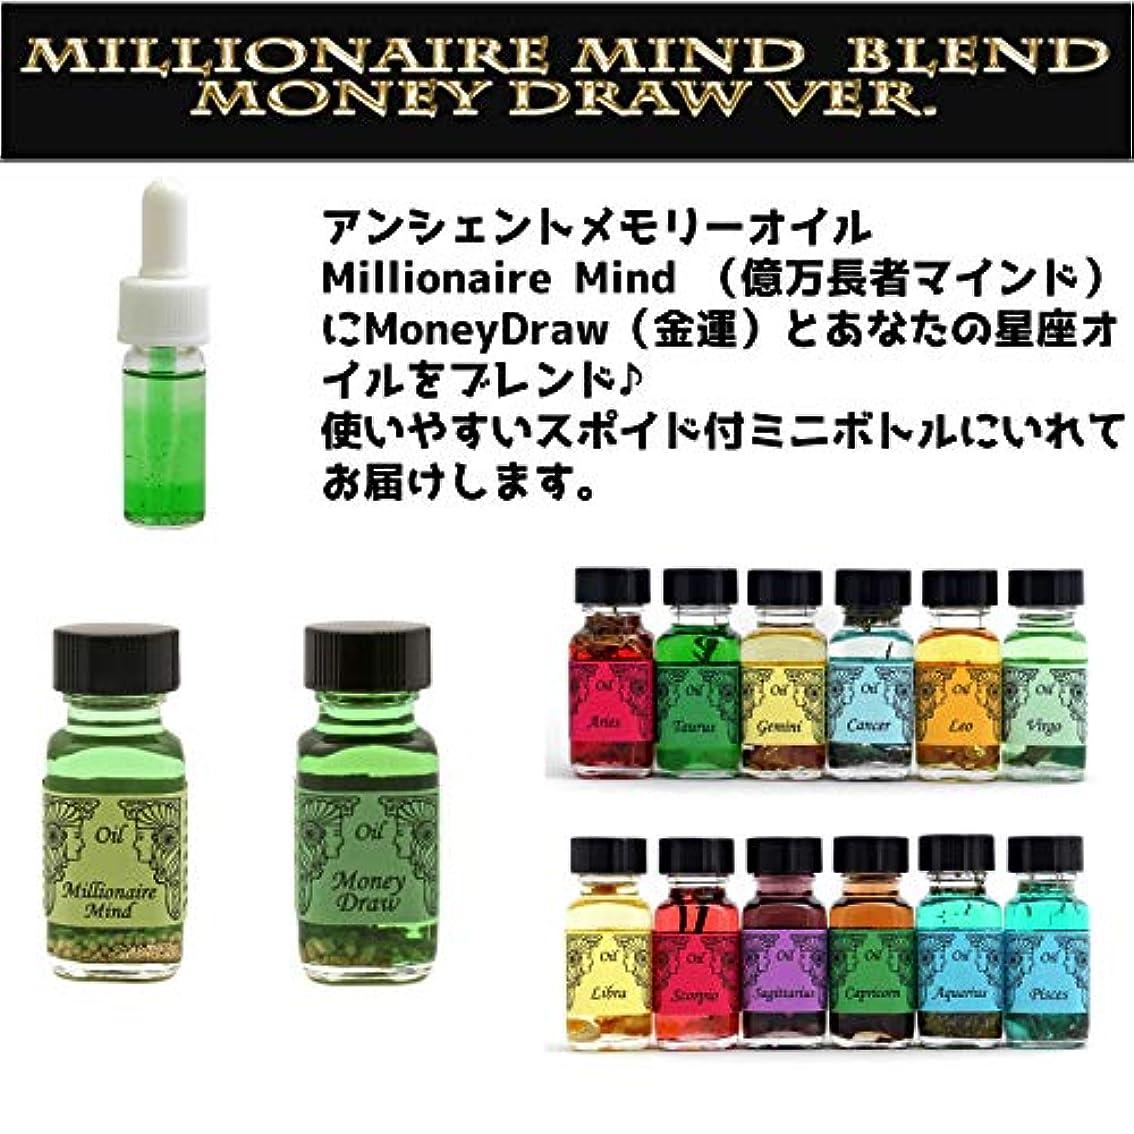 ヨーロッパ有彩色の延ばすアンシェントメモリーオイル Millionaire Mind 億万長者マインド ブレンド(Money Drawマネードロー(金運)&さそり座